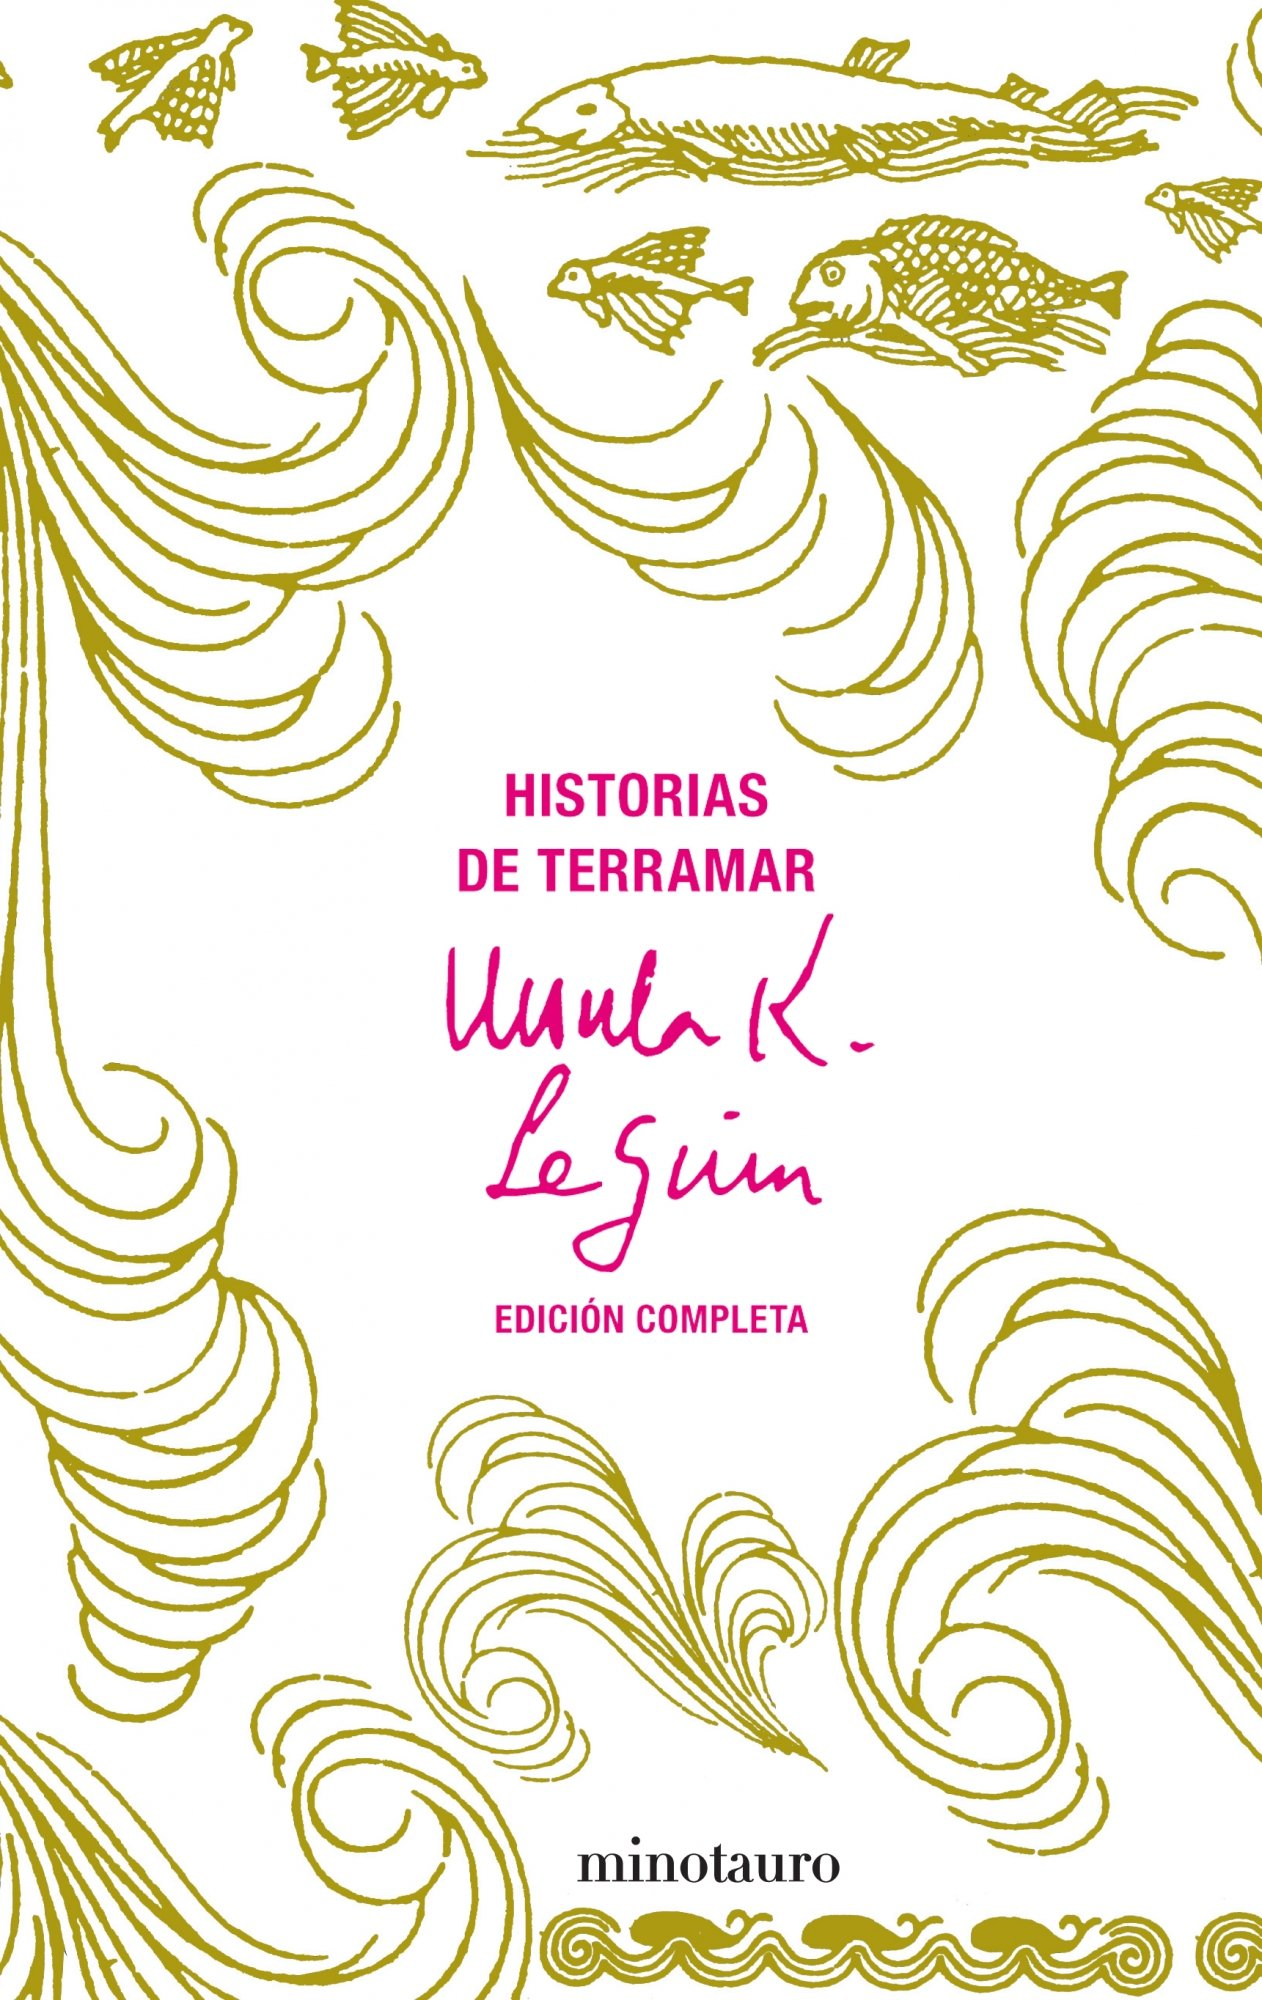 Historias De Terramar Edición Completa Biblioteca Ursula K Le Guin Spanish Edition Le Guin Ursula K 9788445076217 Books